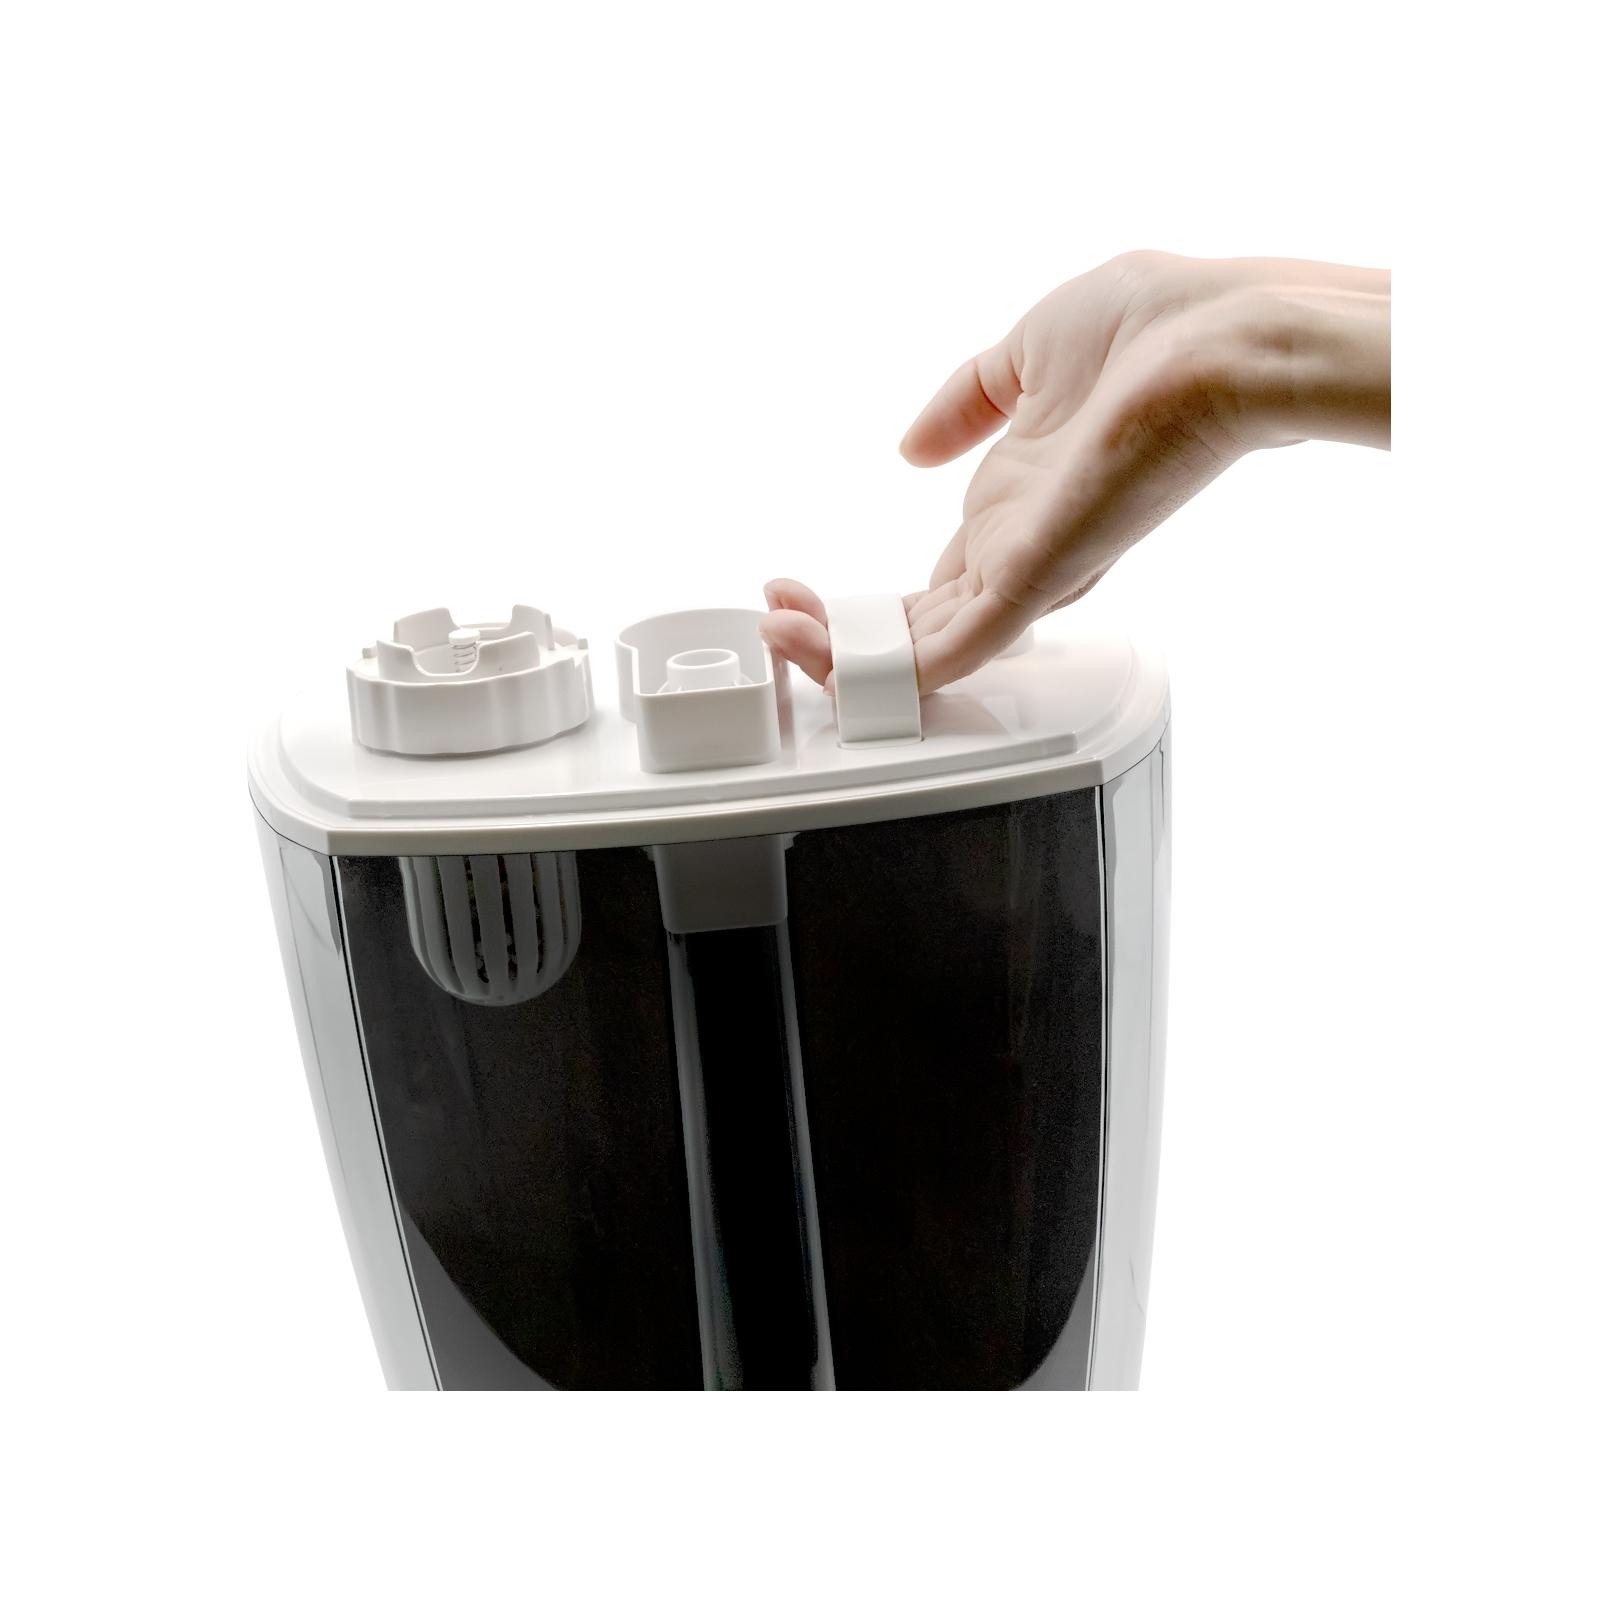 Увлажнитель воздуха Rotex RHF600-W изображение 5